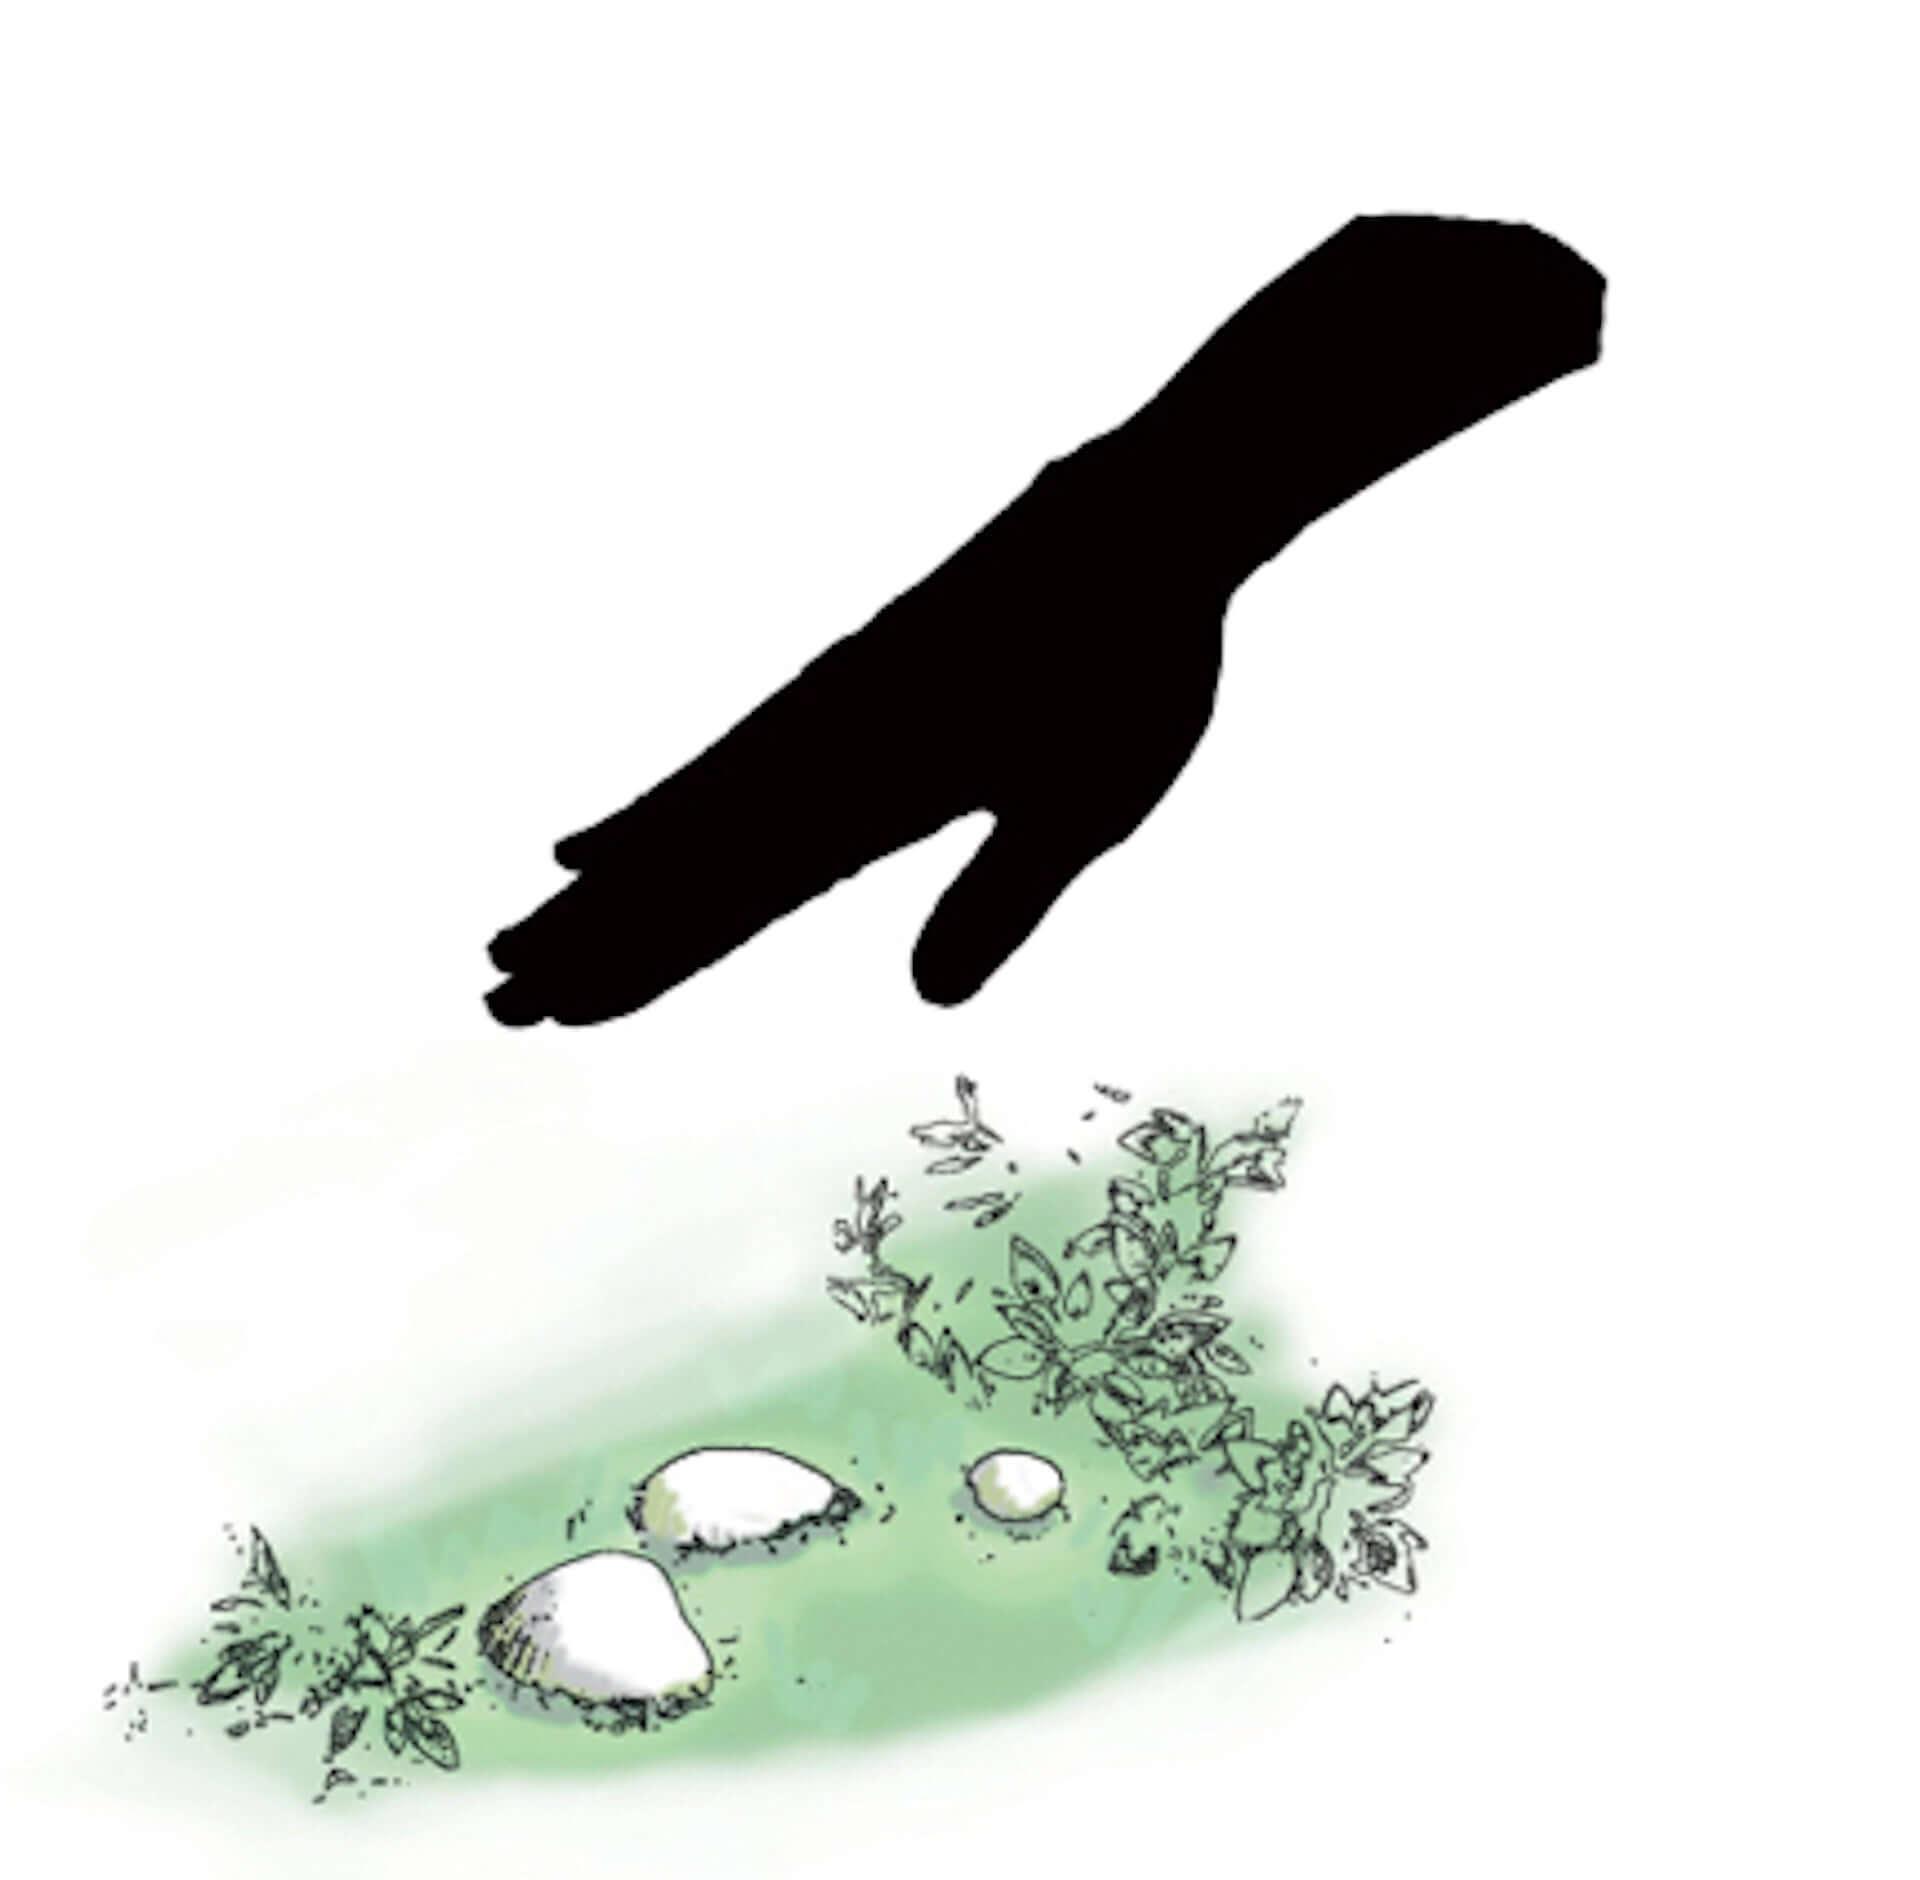 及川潤耶のサウンドアート『Ruhe:夢見る貝』が千葉県・市川市新市庁舎に登場!オリジナルの音響拡散システムを活用 art210122_sonifidea_1-1920x1880